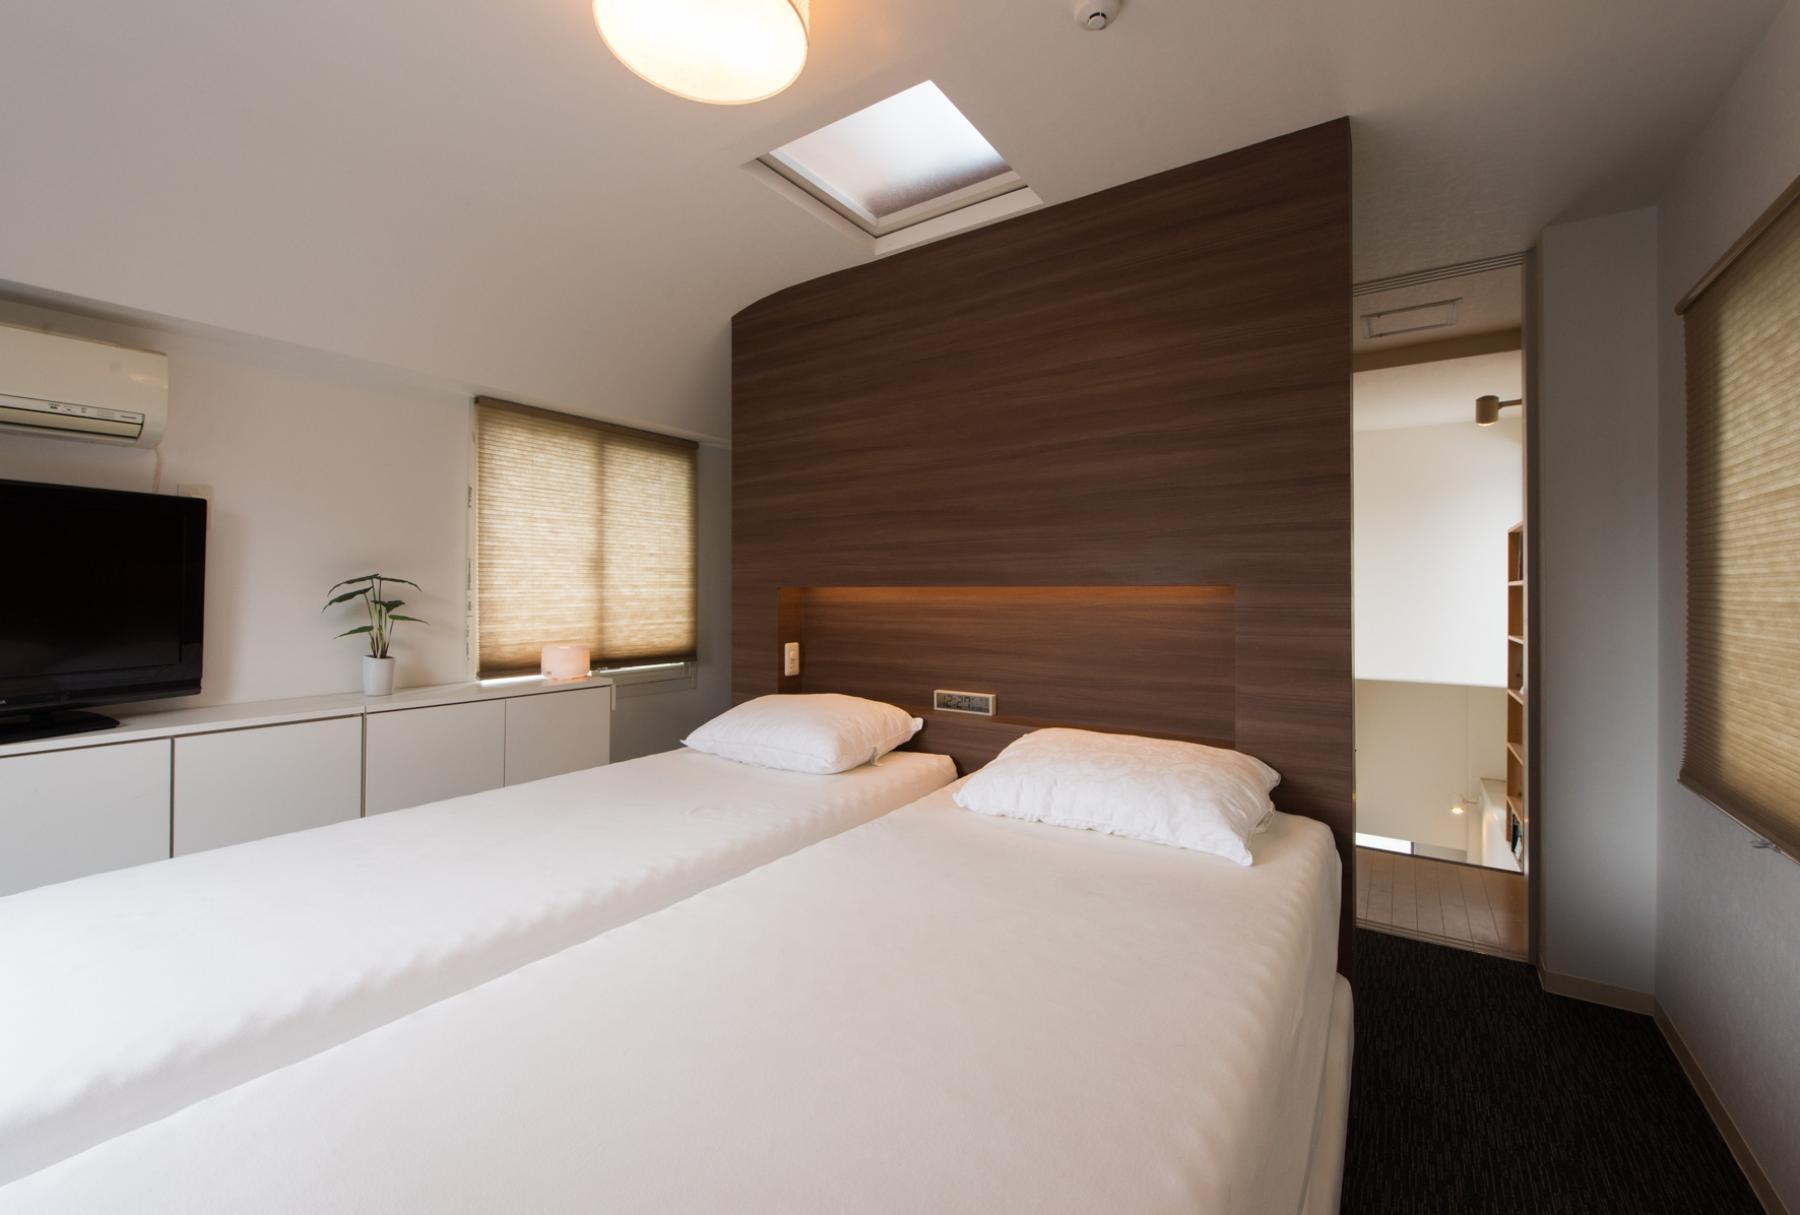 ベッドルーム事例:寝室(ホテルのようなスタイリッシュな内外装に全面リフォーム)